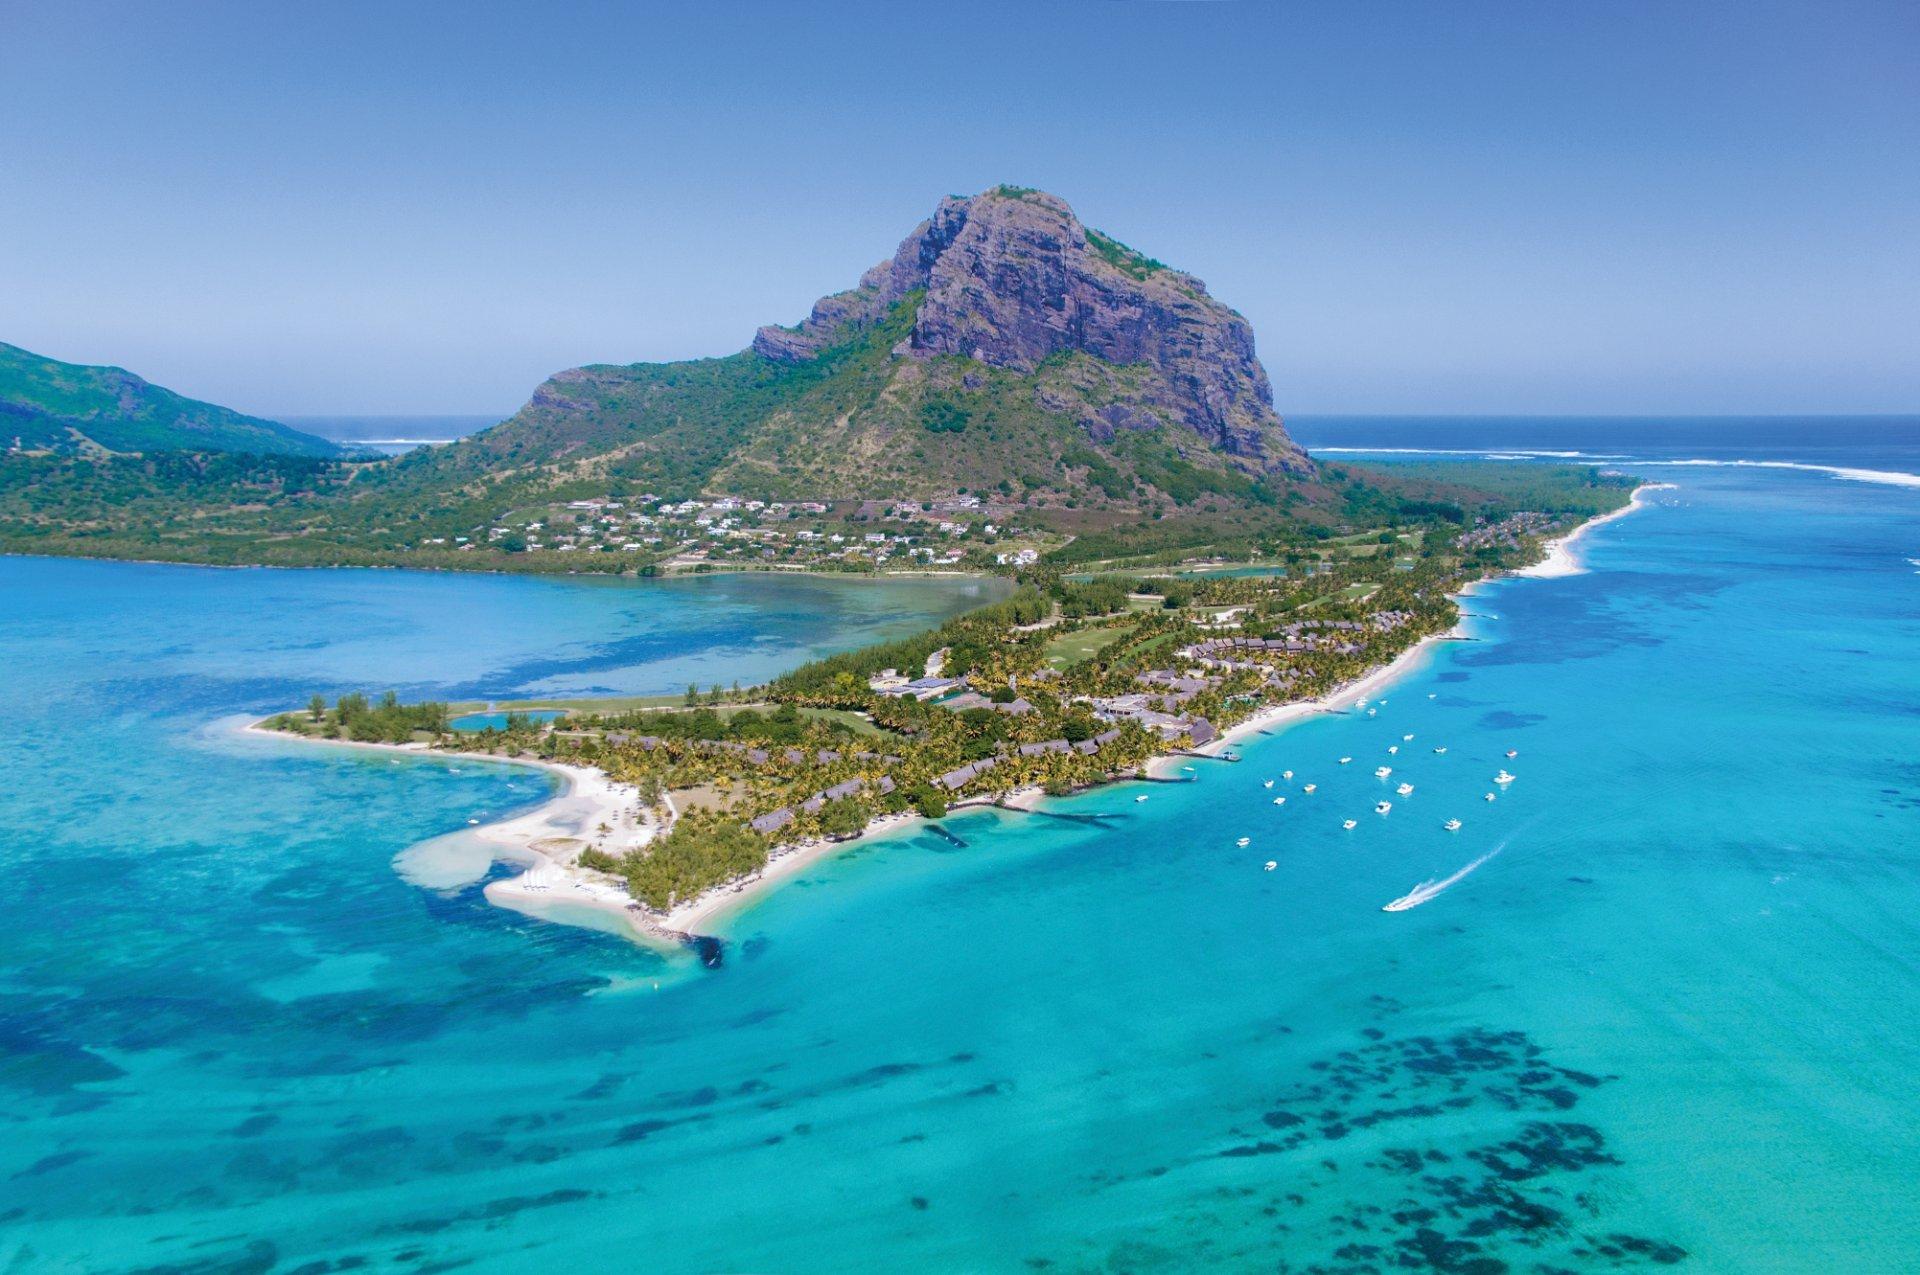 Le Morne, la montaña sagrada de Mauricio